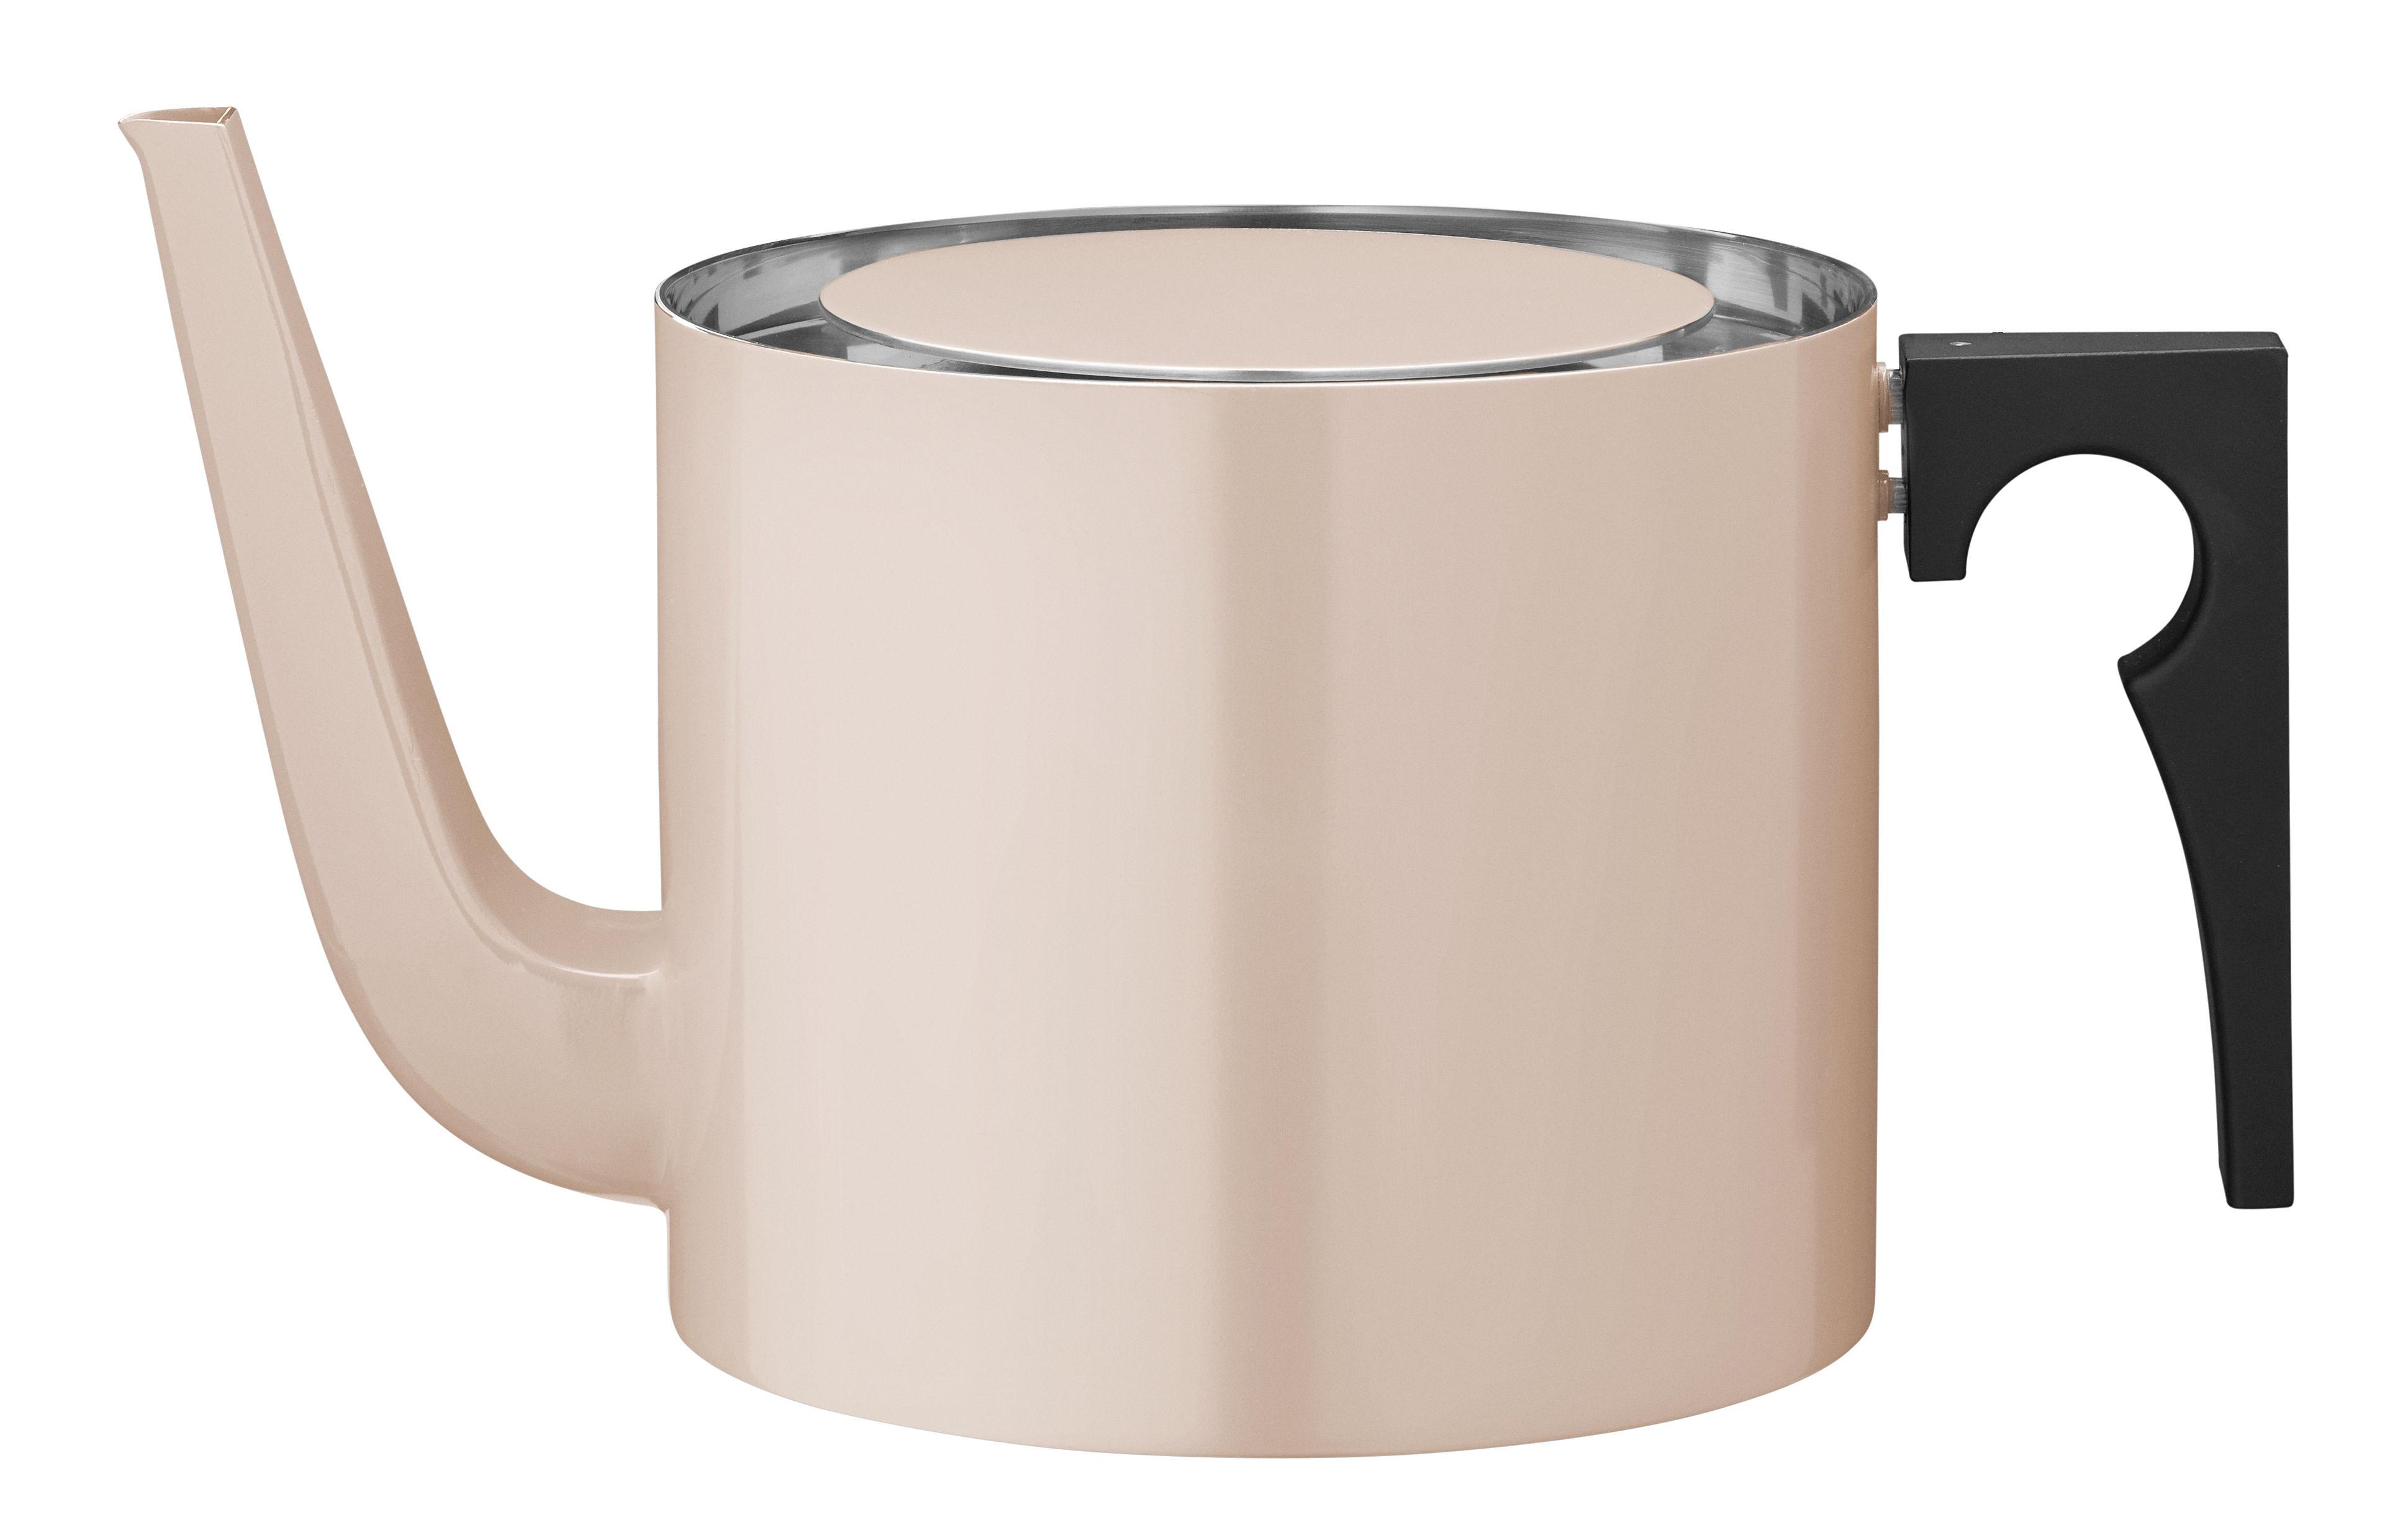 Arts de la table - Thé et café - Théière Cylinda-Line / 1,25 L - Arne Jacobsen, 1967 - Stelton - Rose poudré - Acier inoxydable émaillé, Bakélite